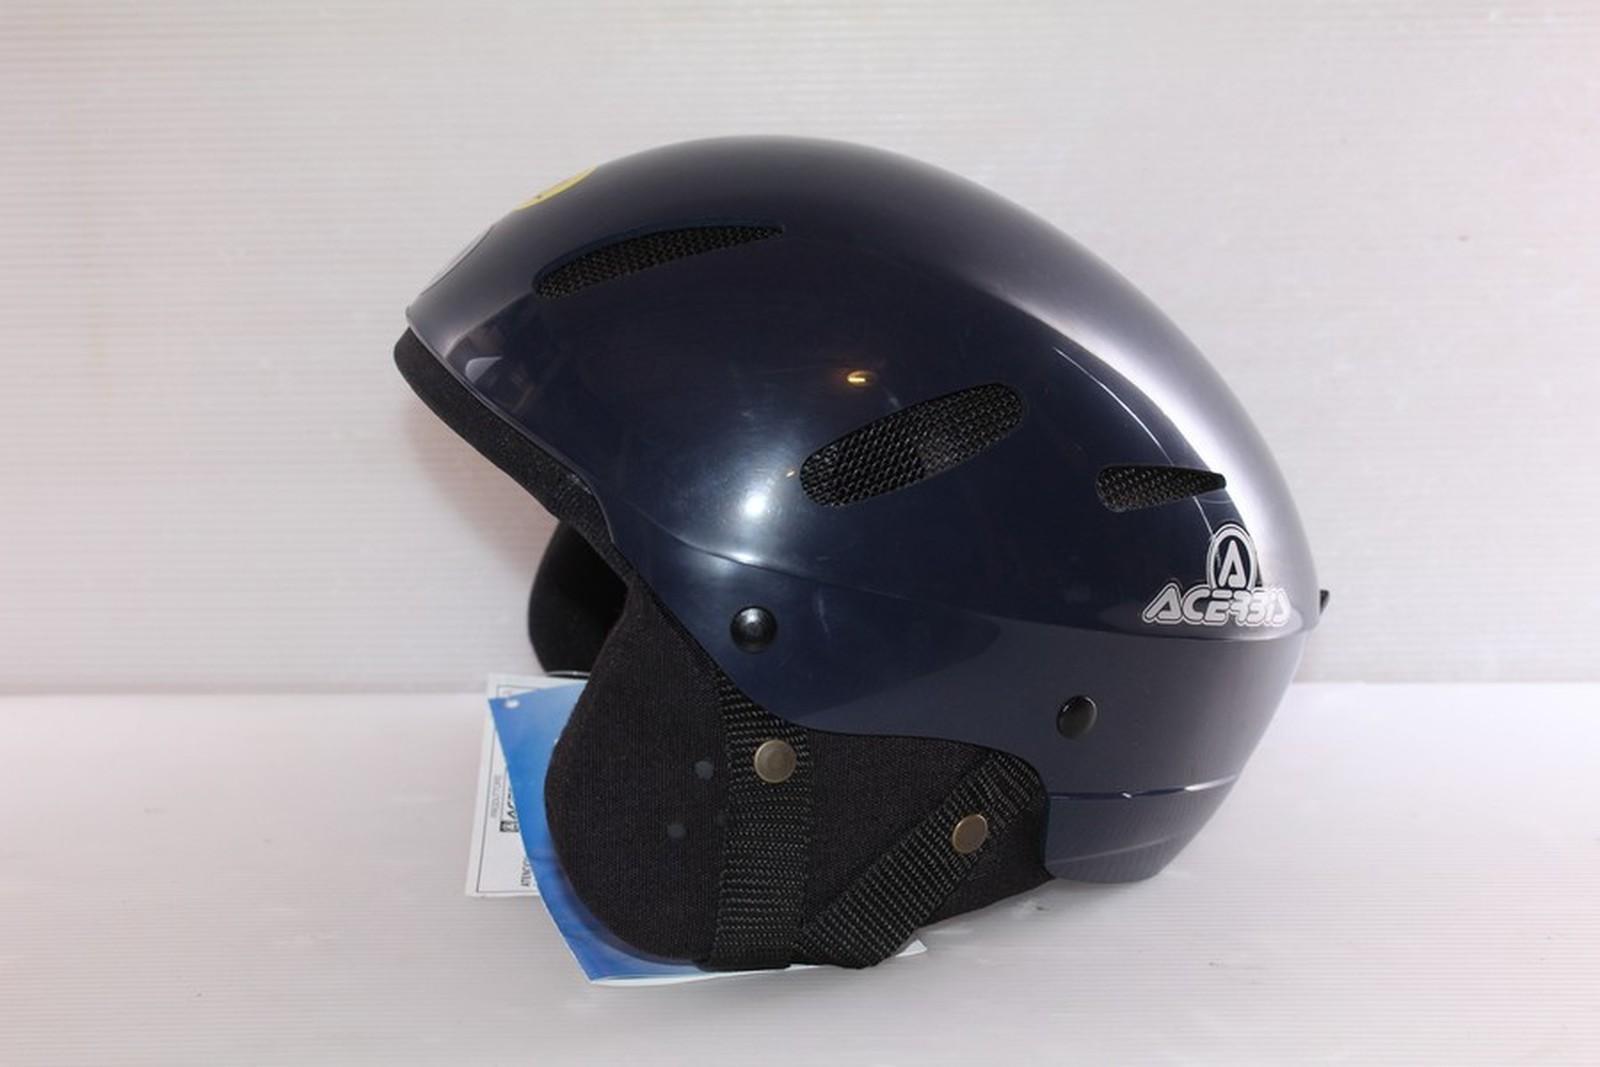 Dámská lyžařská helma Acerbis Bandit vel. 62